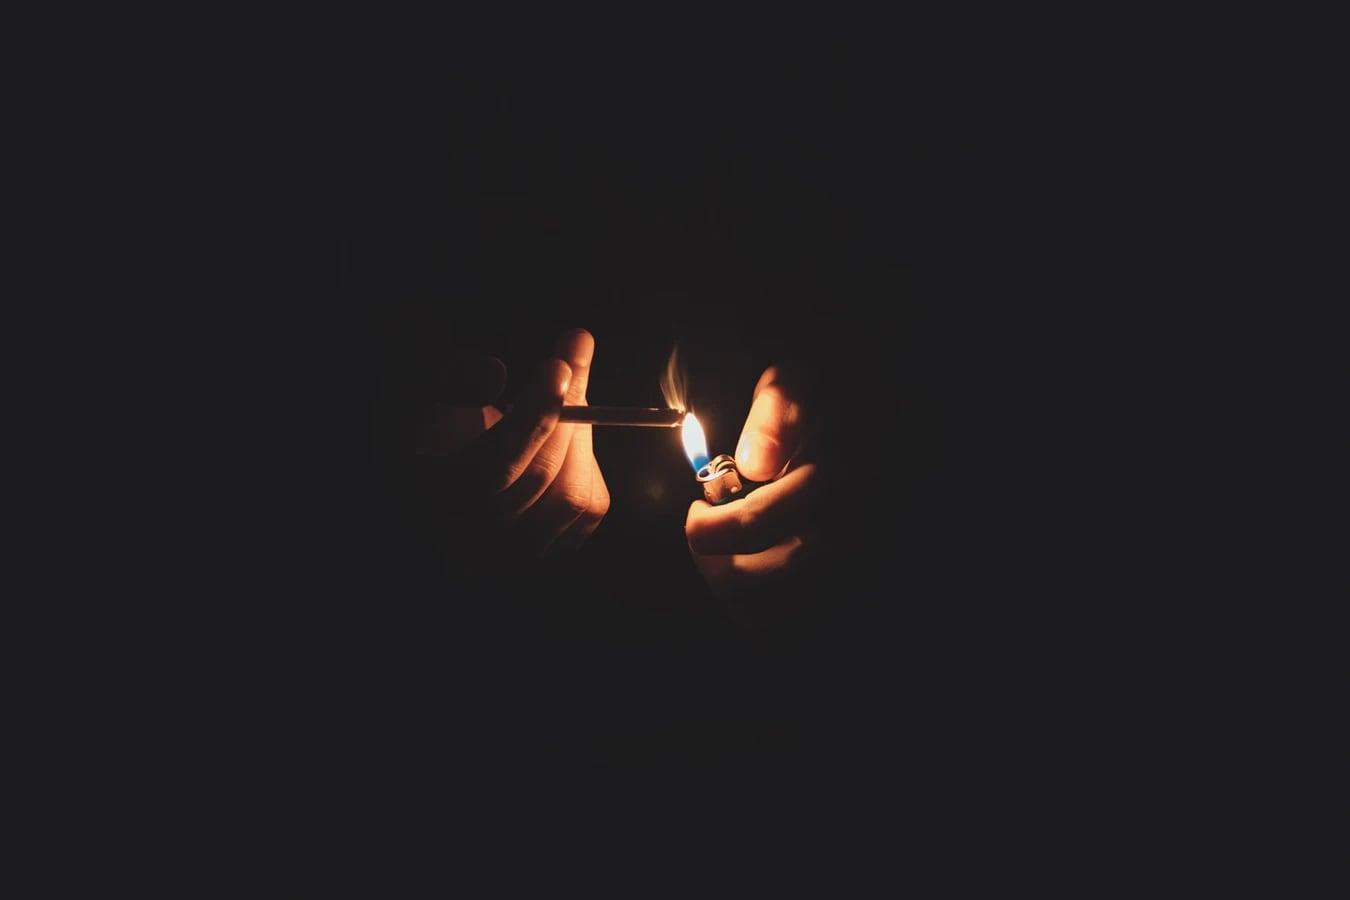 নিজের কাজের ফাঁকেই গান শোনা বা ভিডিও দেখার পাশাপাশি ধূমপান স্বাস্থ্যে কী প্রভাব ফেলতে পারে, তেমন কোনও ভিডিও দেখা দরকার।